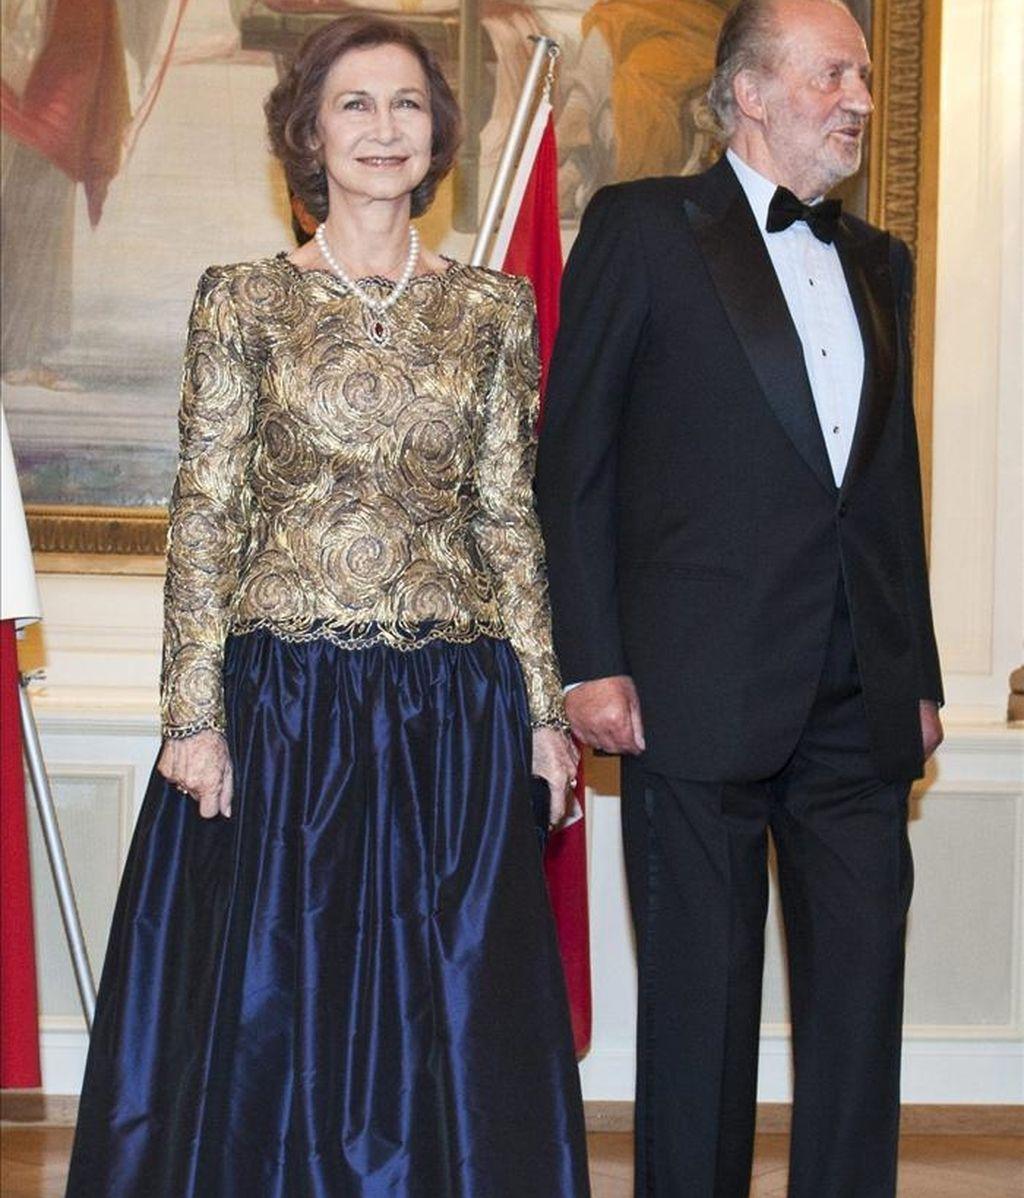 El rey Juan Carlos I (d), y la reina Sofía (i), a su llegada hoy al Hotel Bellevue previo a una cena ofrecida en su honor, en Berna, Suiza. EFE